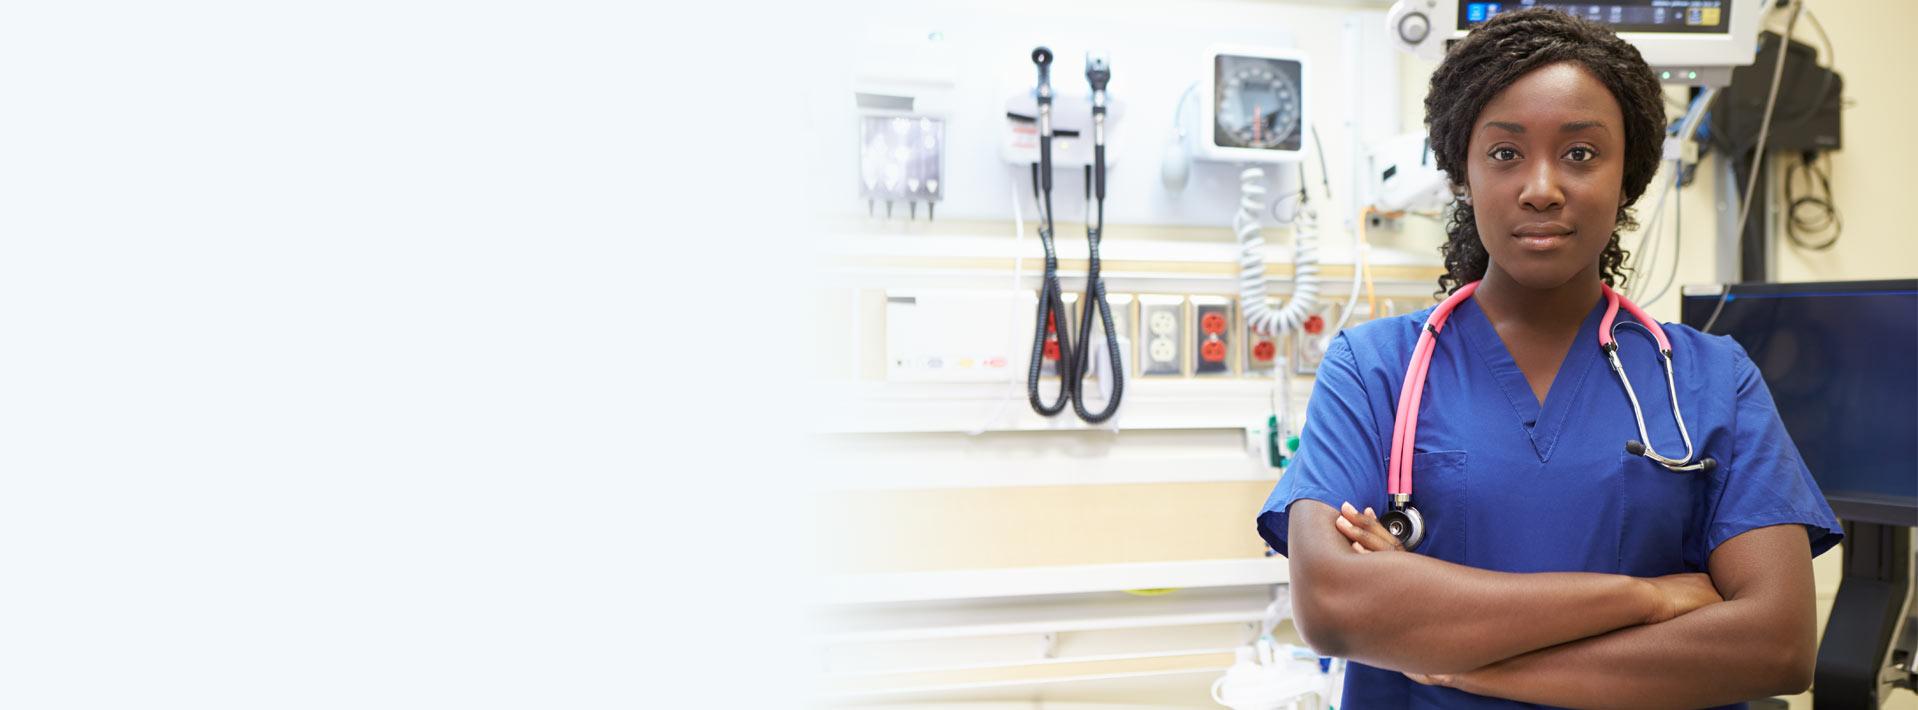 serious-nurse